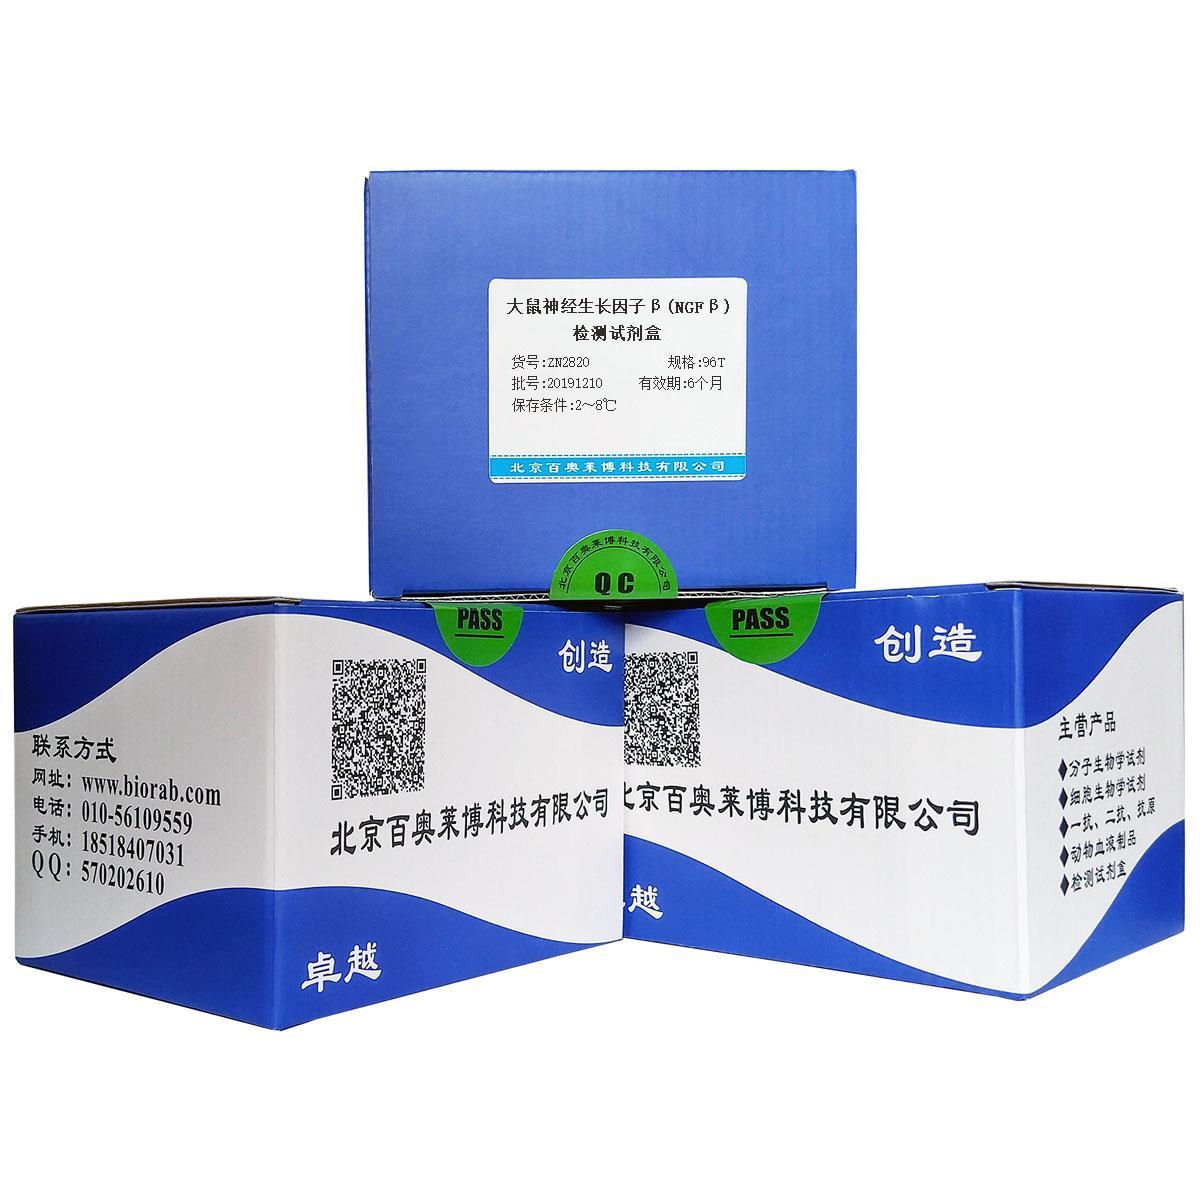 大鼠神经生长因子β(NGFβ)检测试剂盒